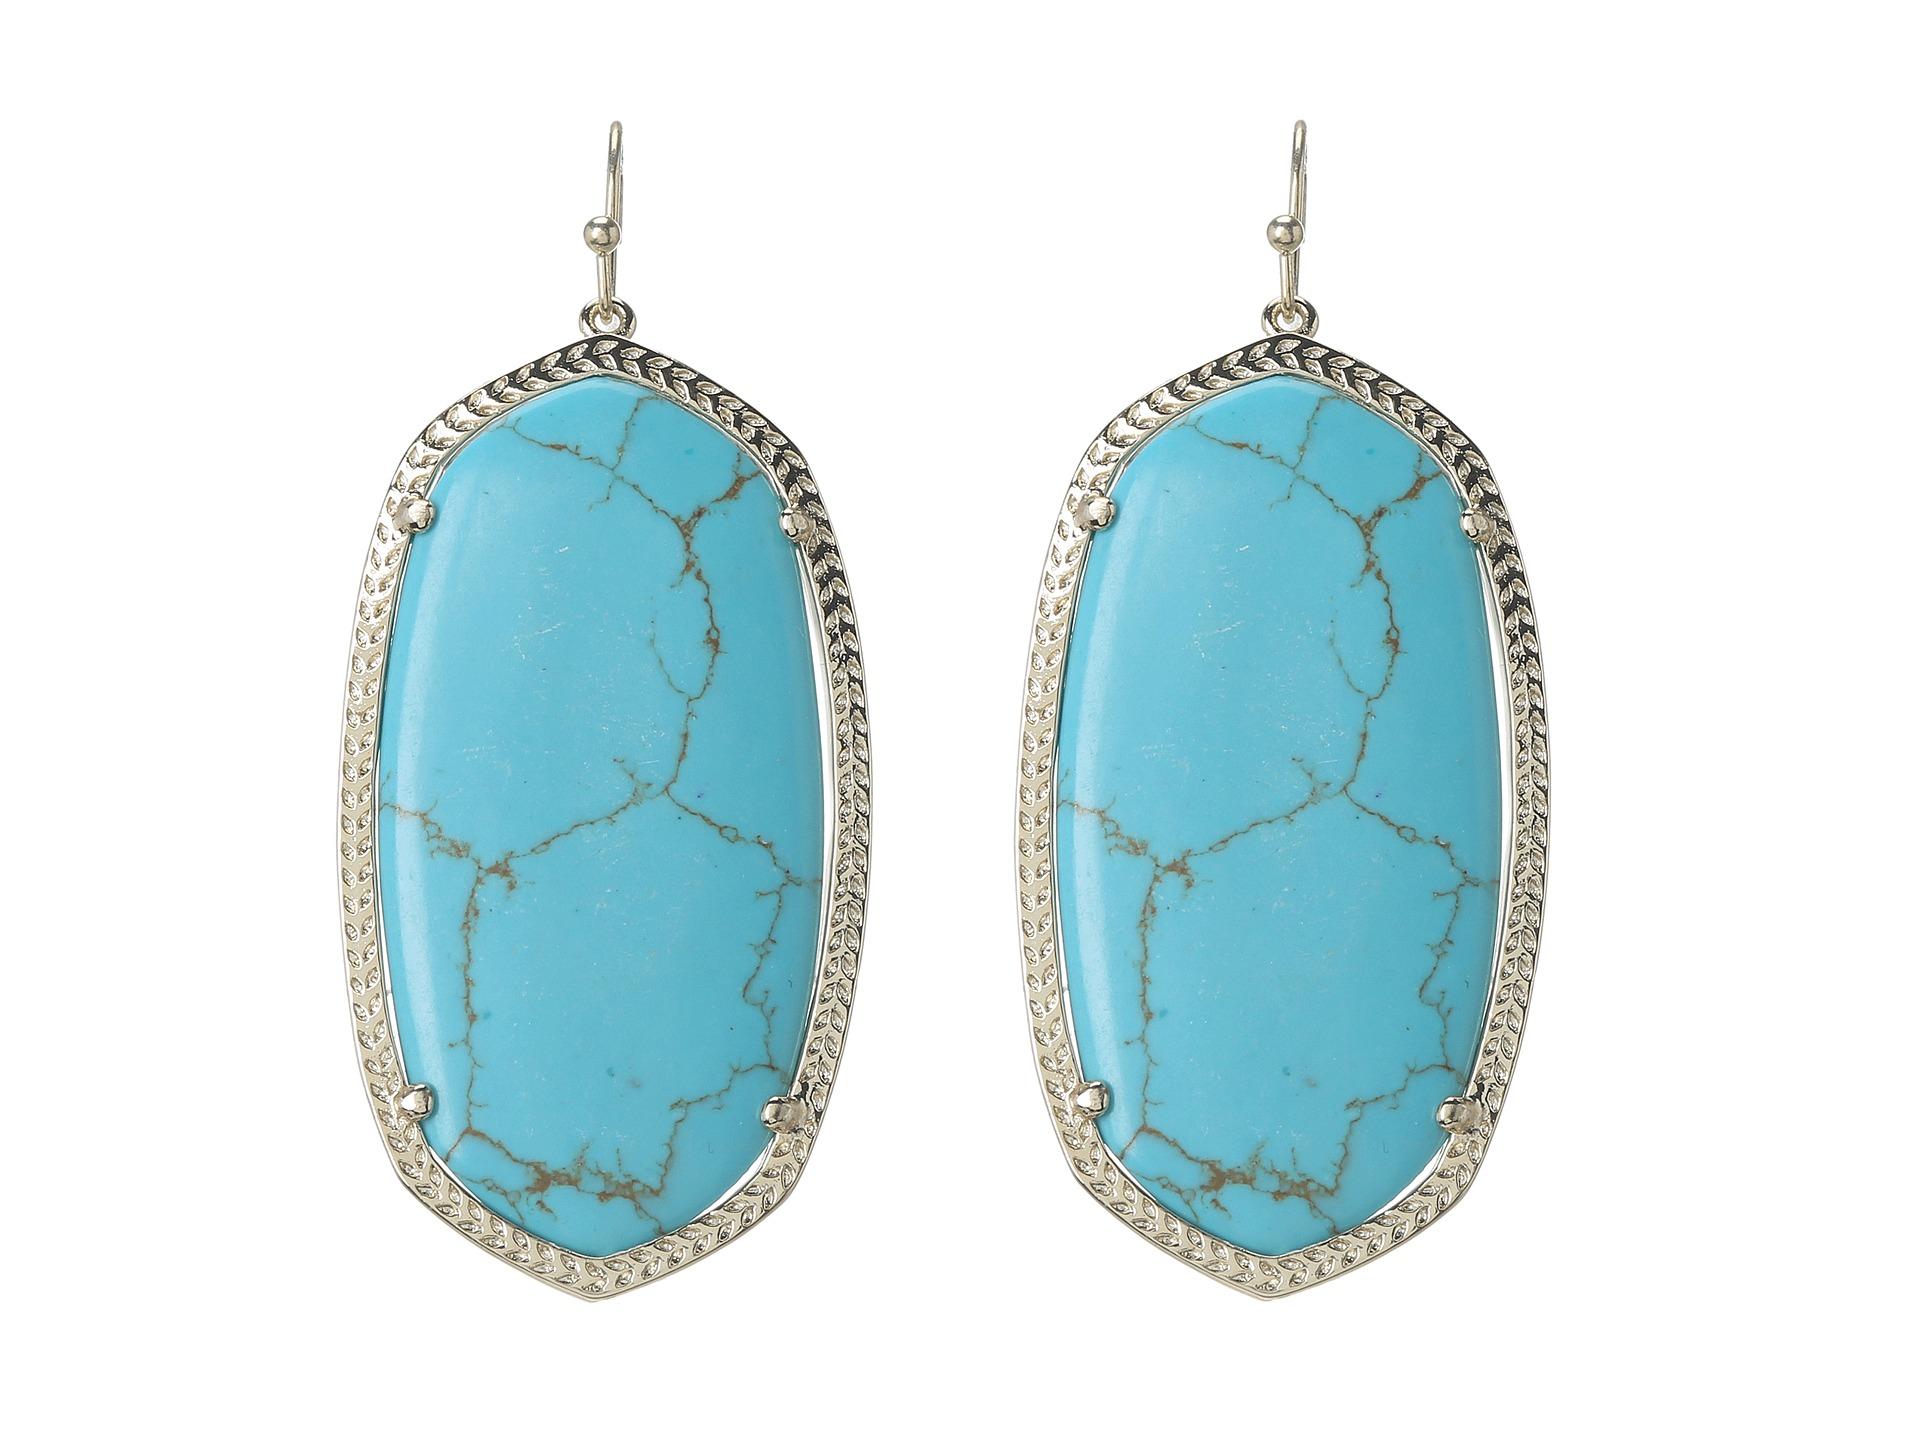 Kendra Scott Danielle Earrings in Blue (Turquoise)